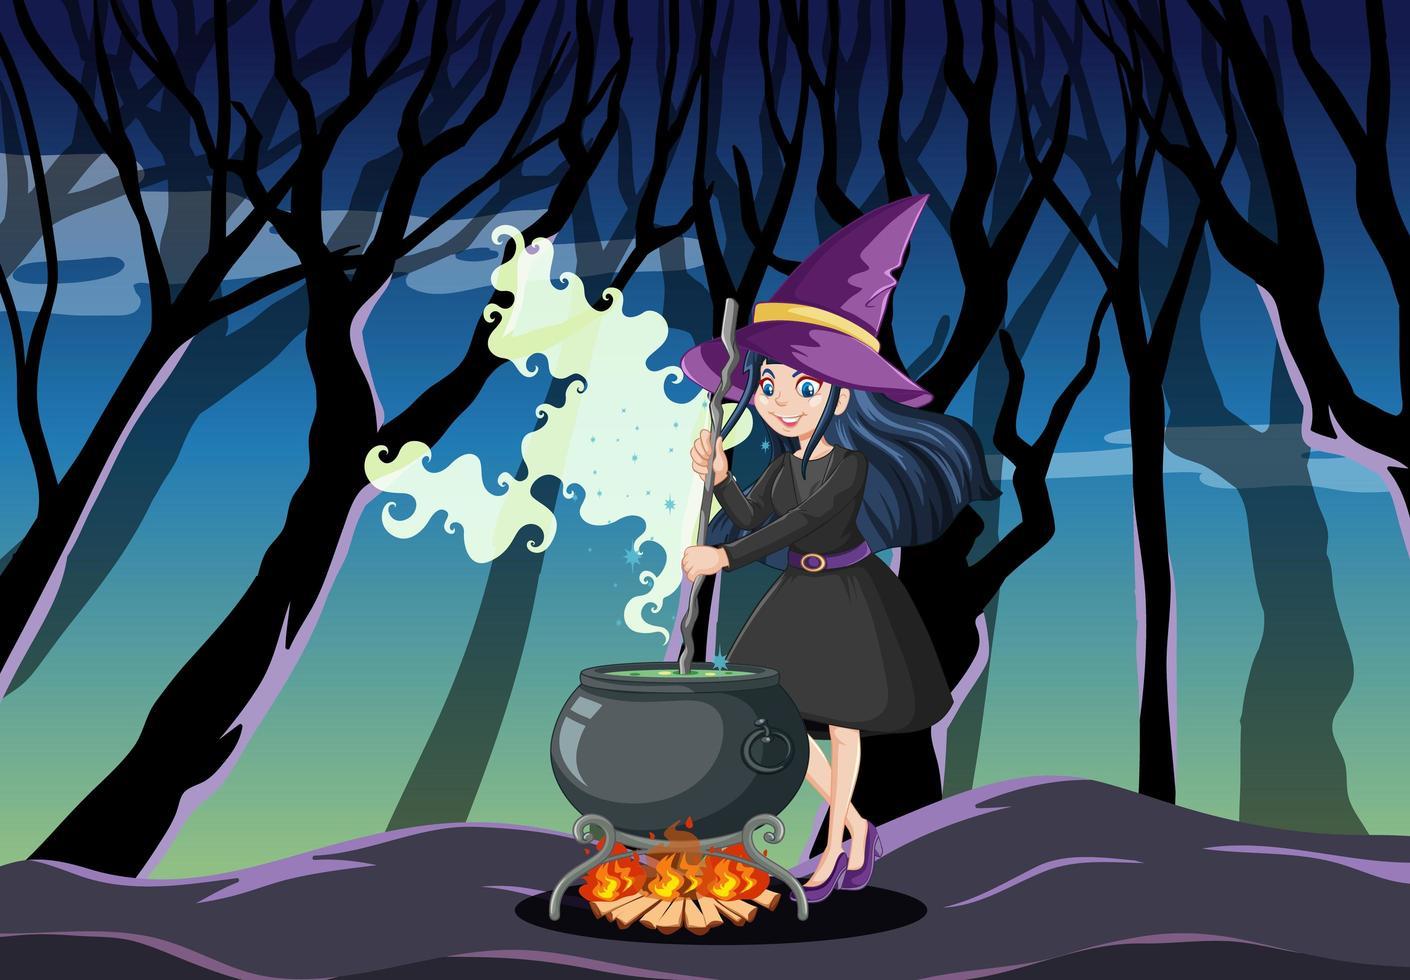 Joven bruja hermosa con estilo de dibujos animados de olla mágica negra sobre fondo oscuro de la selva vector